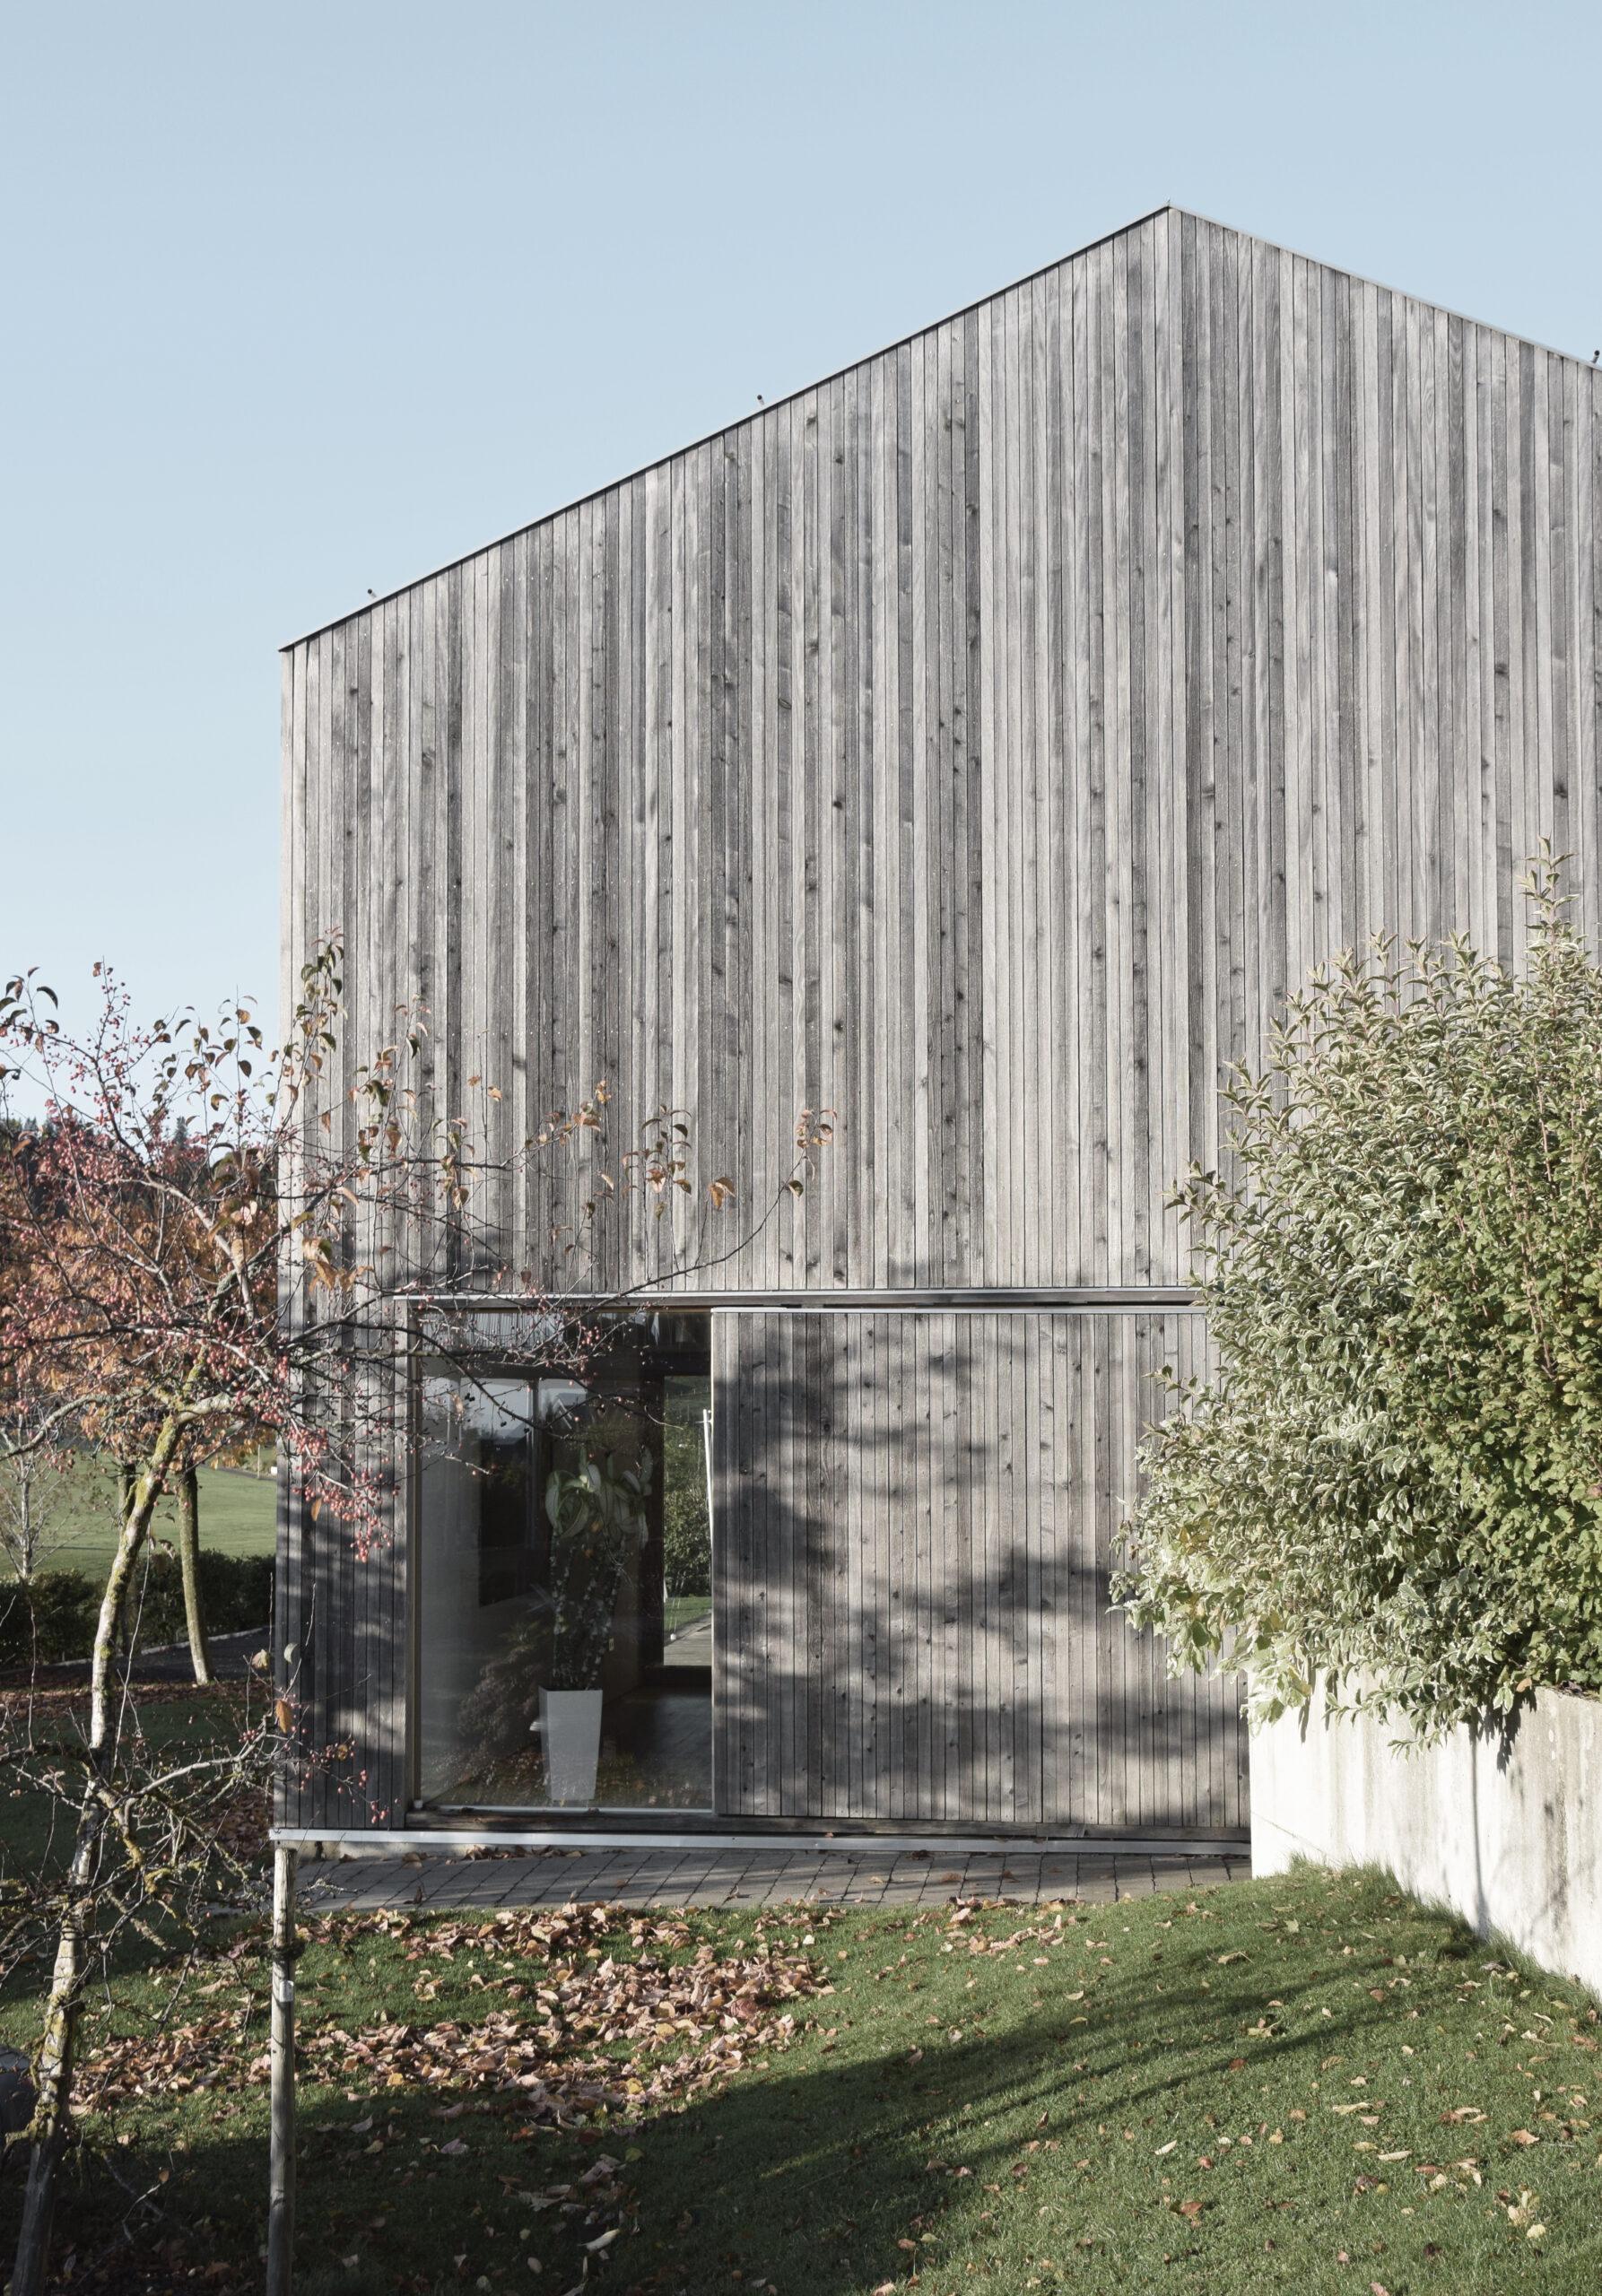 Michael-Becker-Architects-Architekten-Haus-s-02